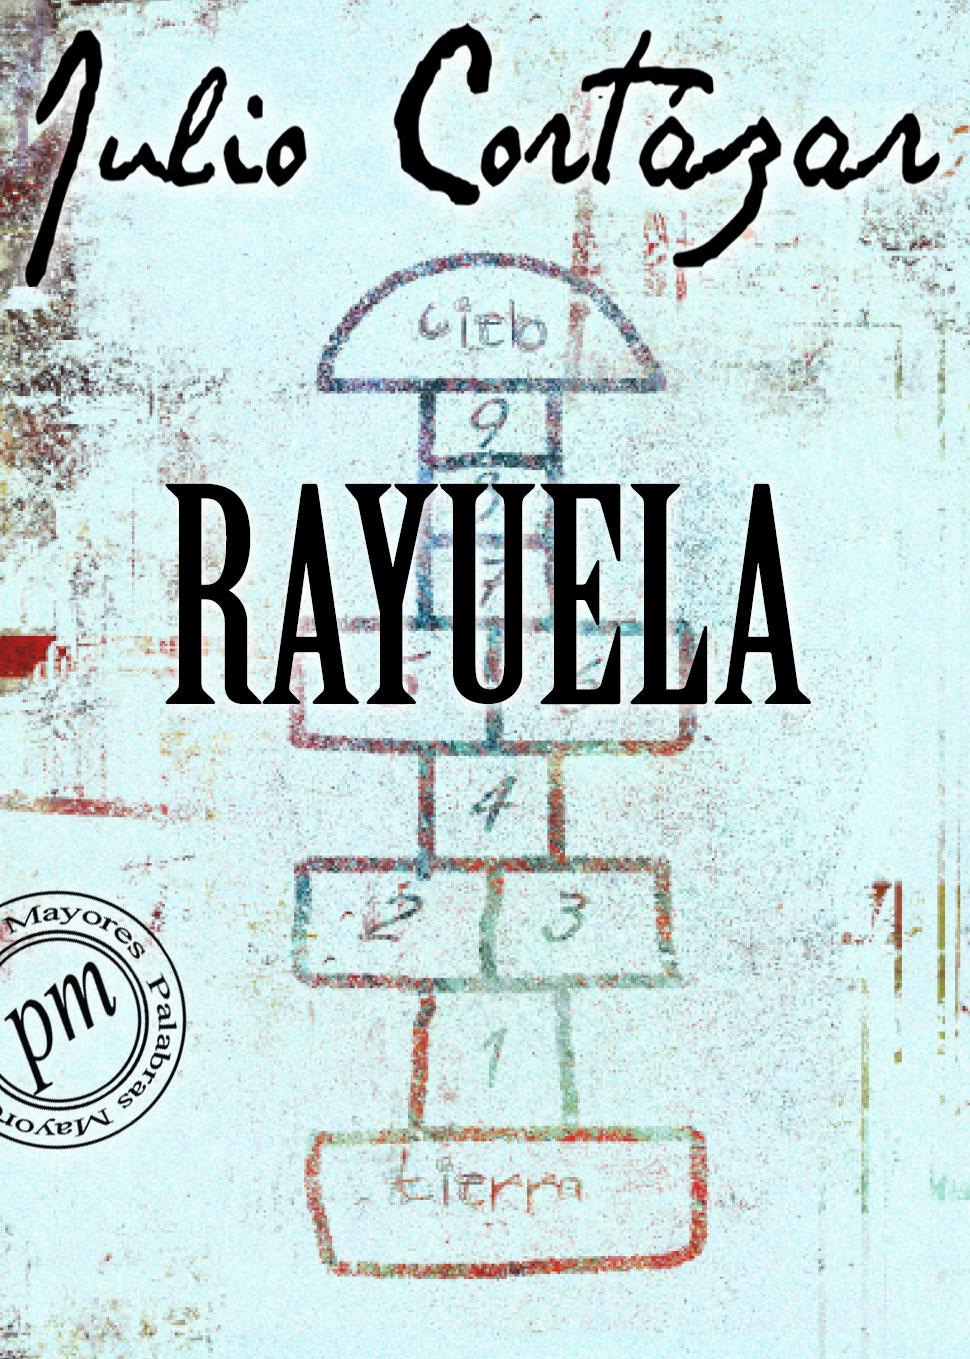 Homenajea Hay Festival a Julio Cortázar y su obra «Rayuela» que revolucionó el mundo literario